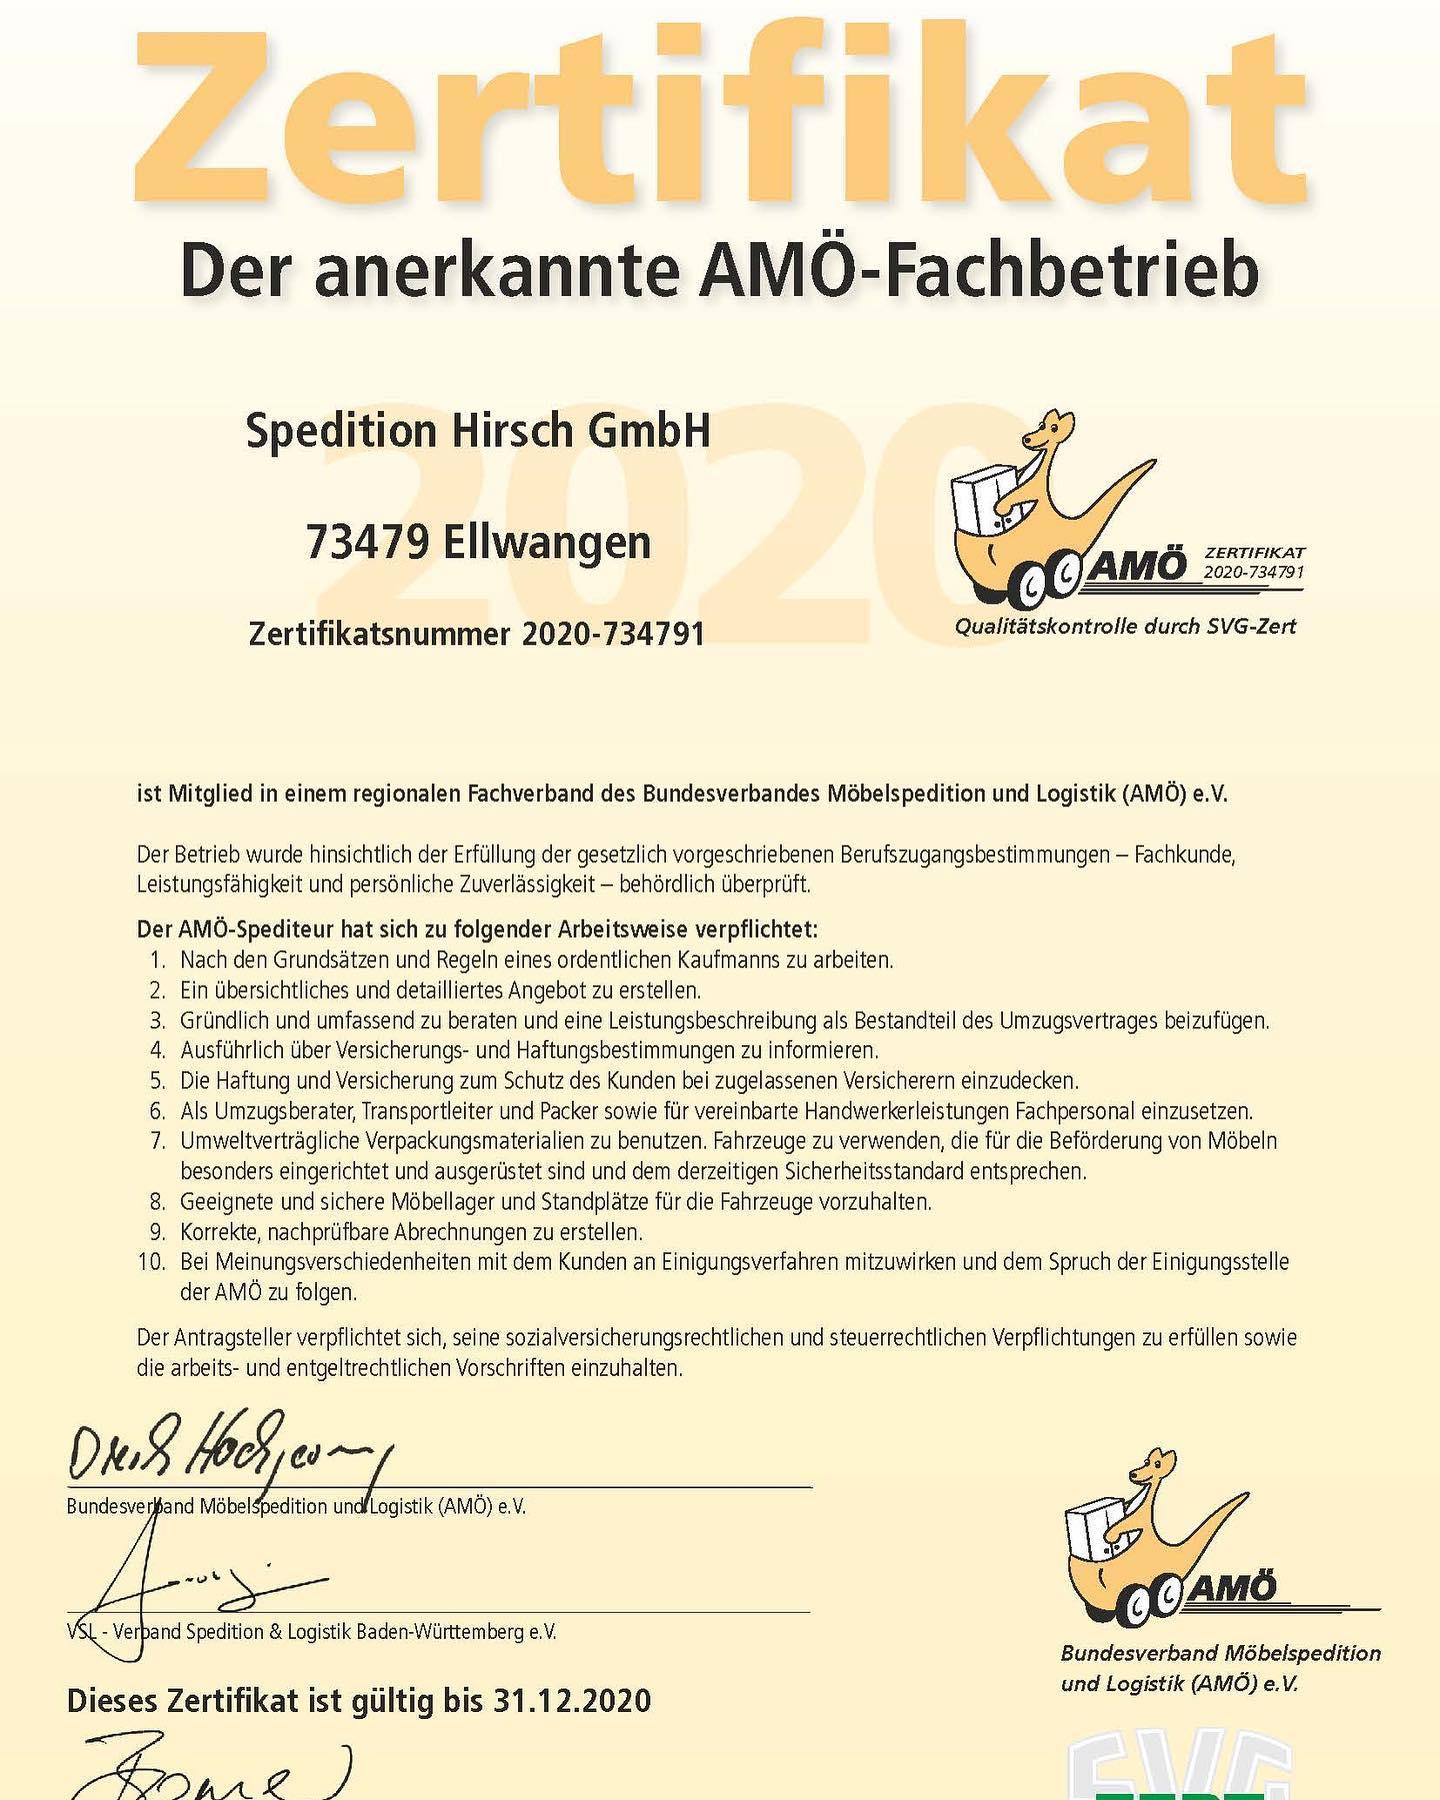 Wir sind anerkannter AMÖ-Fachbetrieb!